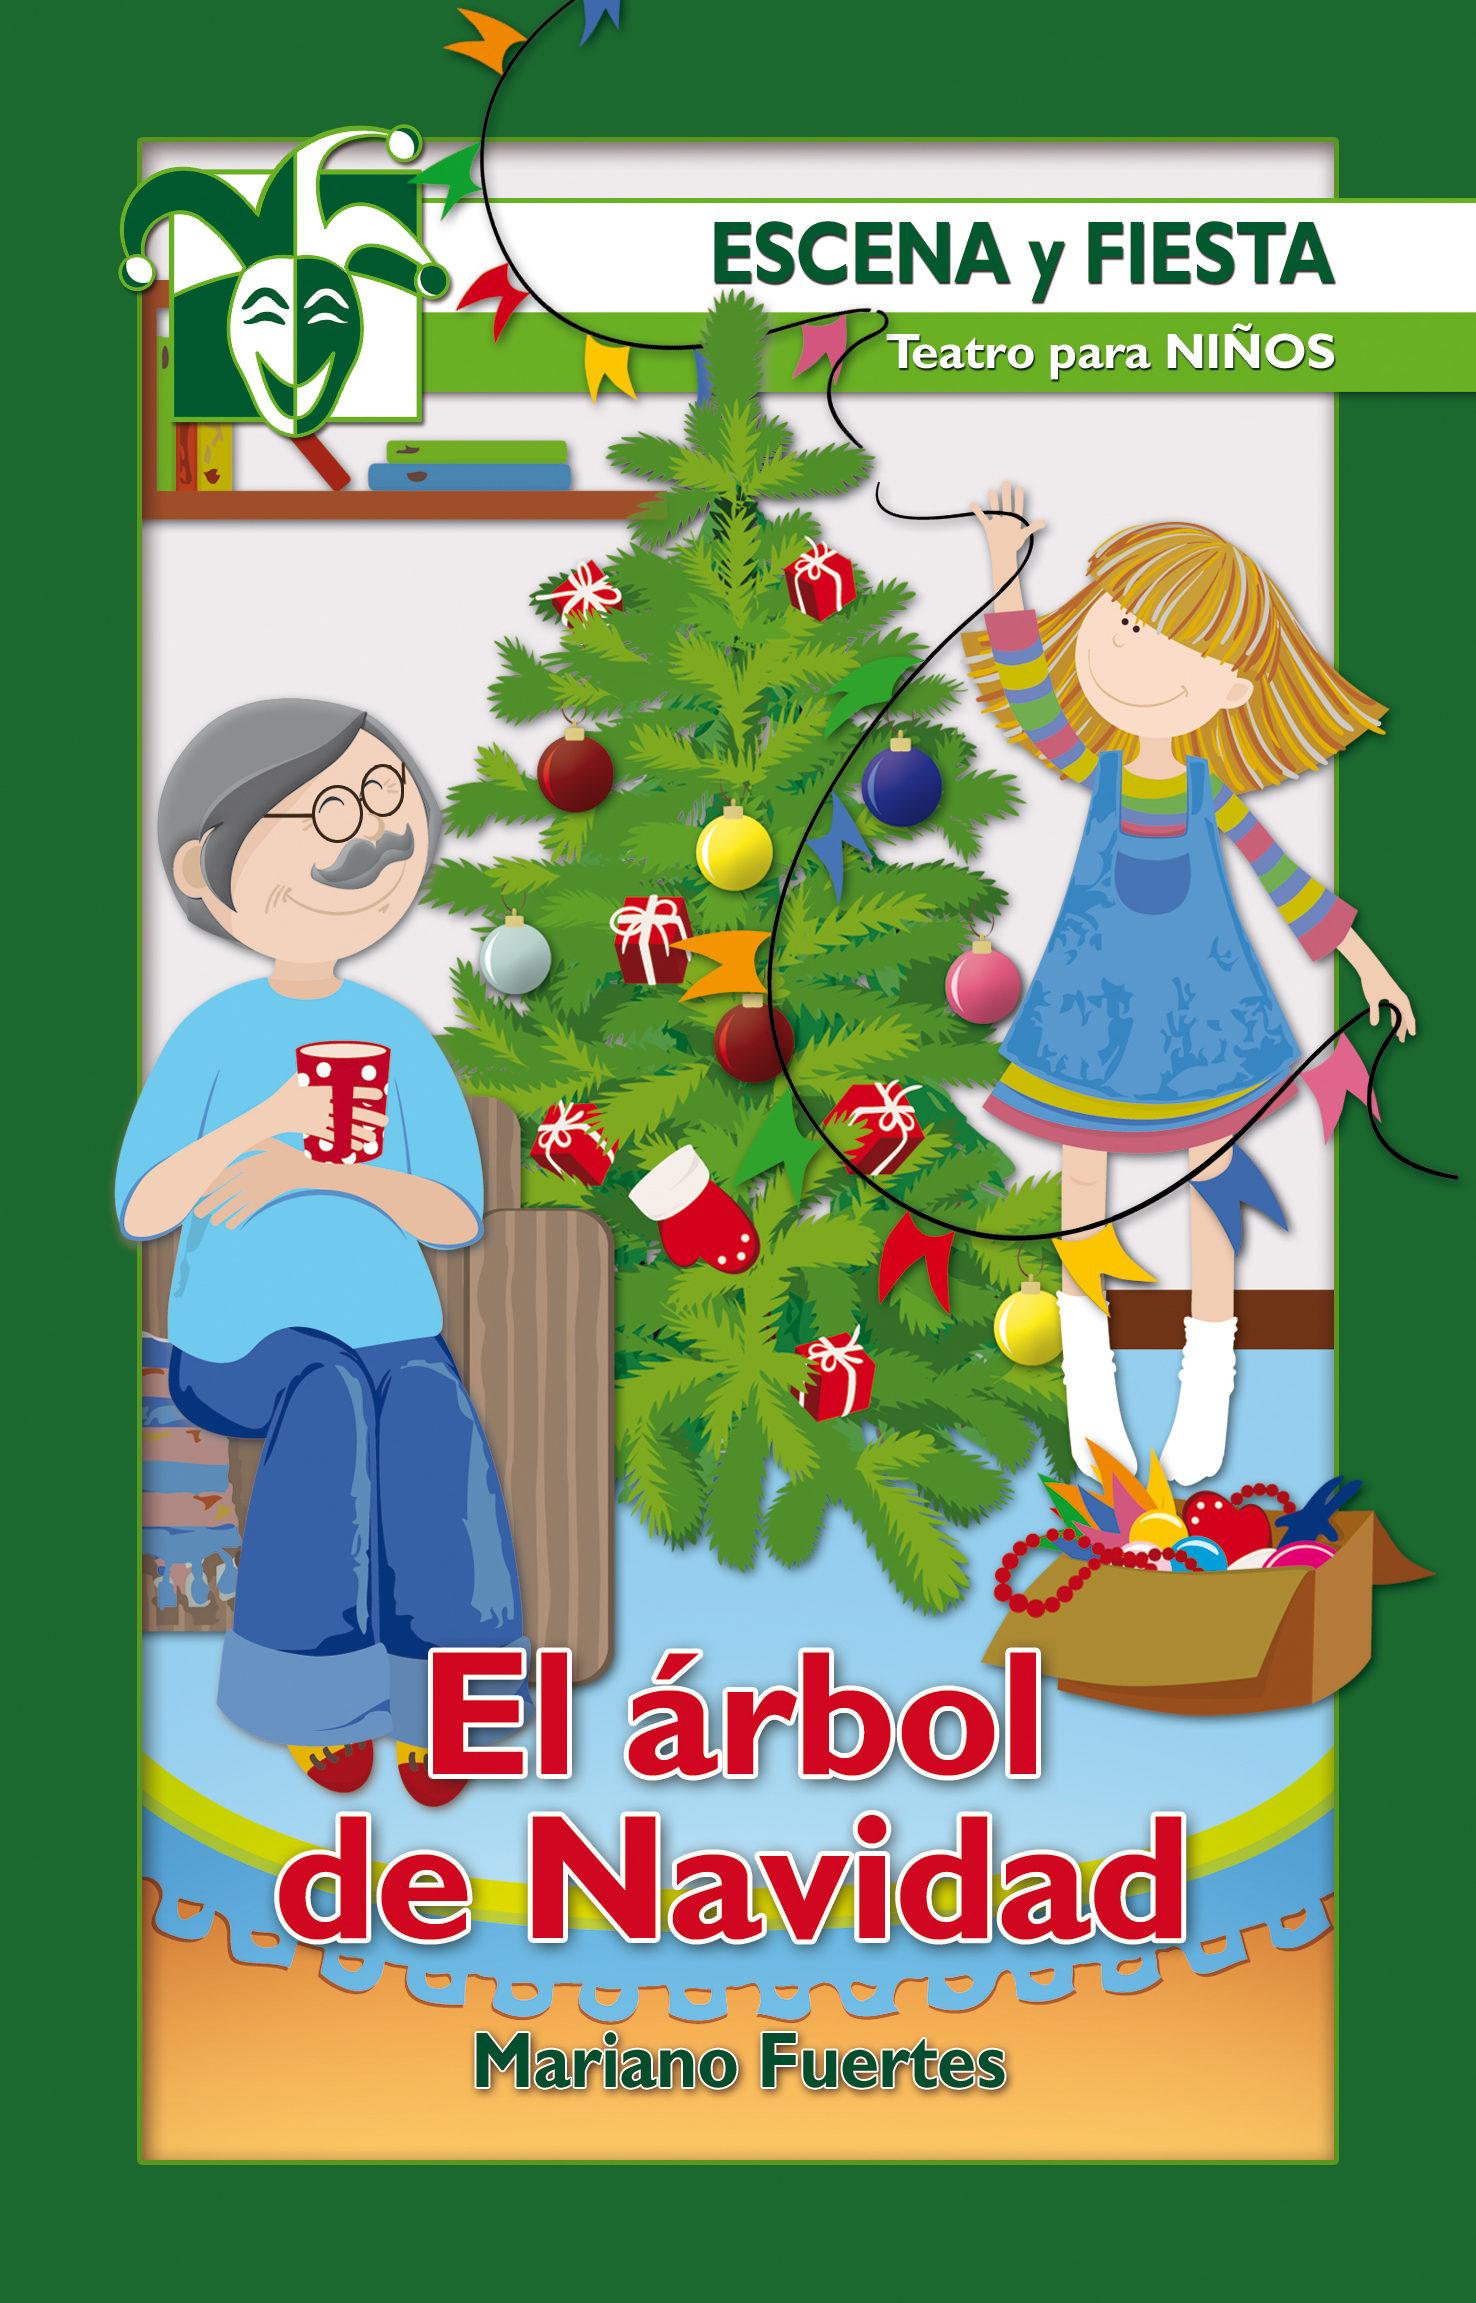 El rbol de navidad ebook ebooks el corte ingl s - Arbol de navidad en ingles ...